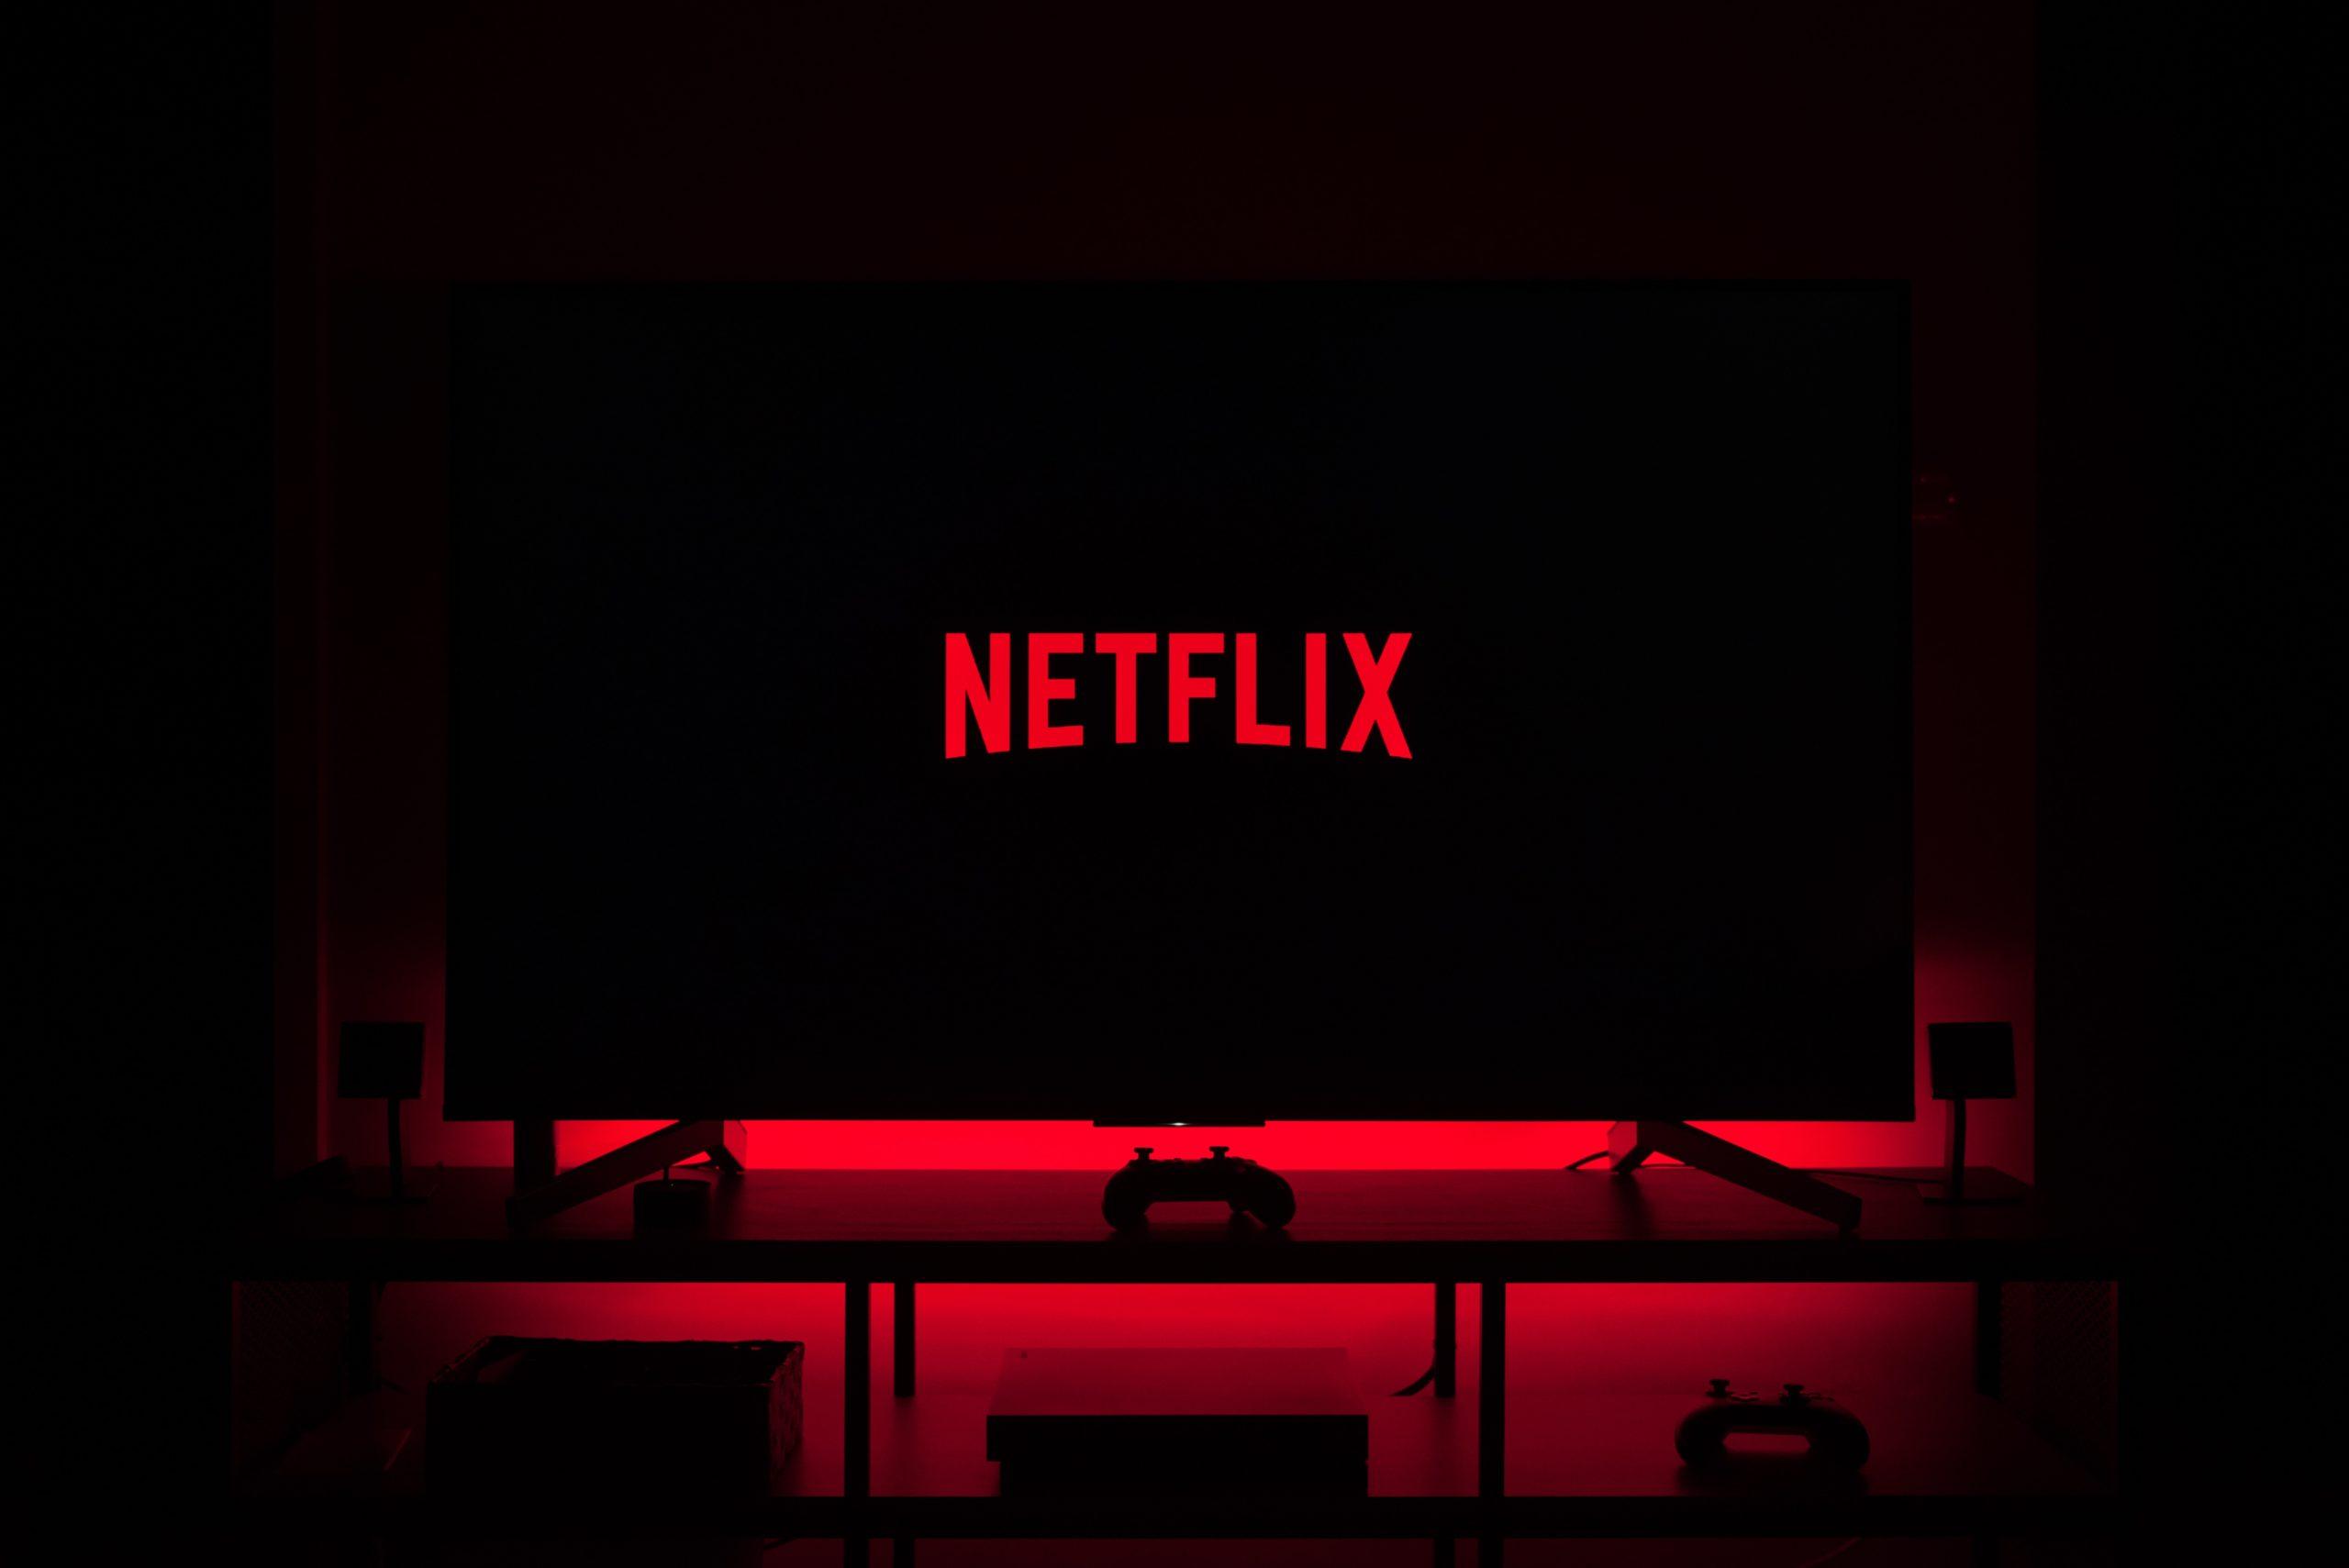 %C3%BCnl%C3%BC+y%C3%B6netmen+Netflix+i%C3%A7in+yeni+bir+dizi+haz%C4%B1rl%C4%B1%C4%9F%C4%B1nda%21;